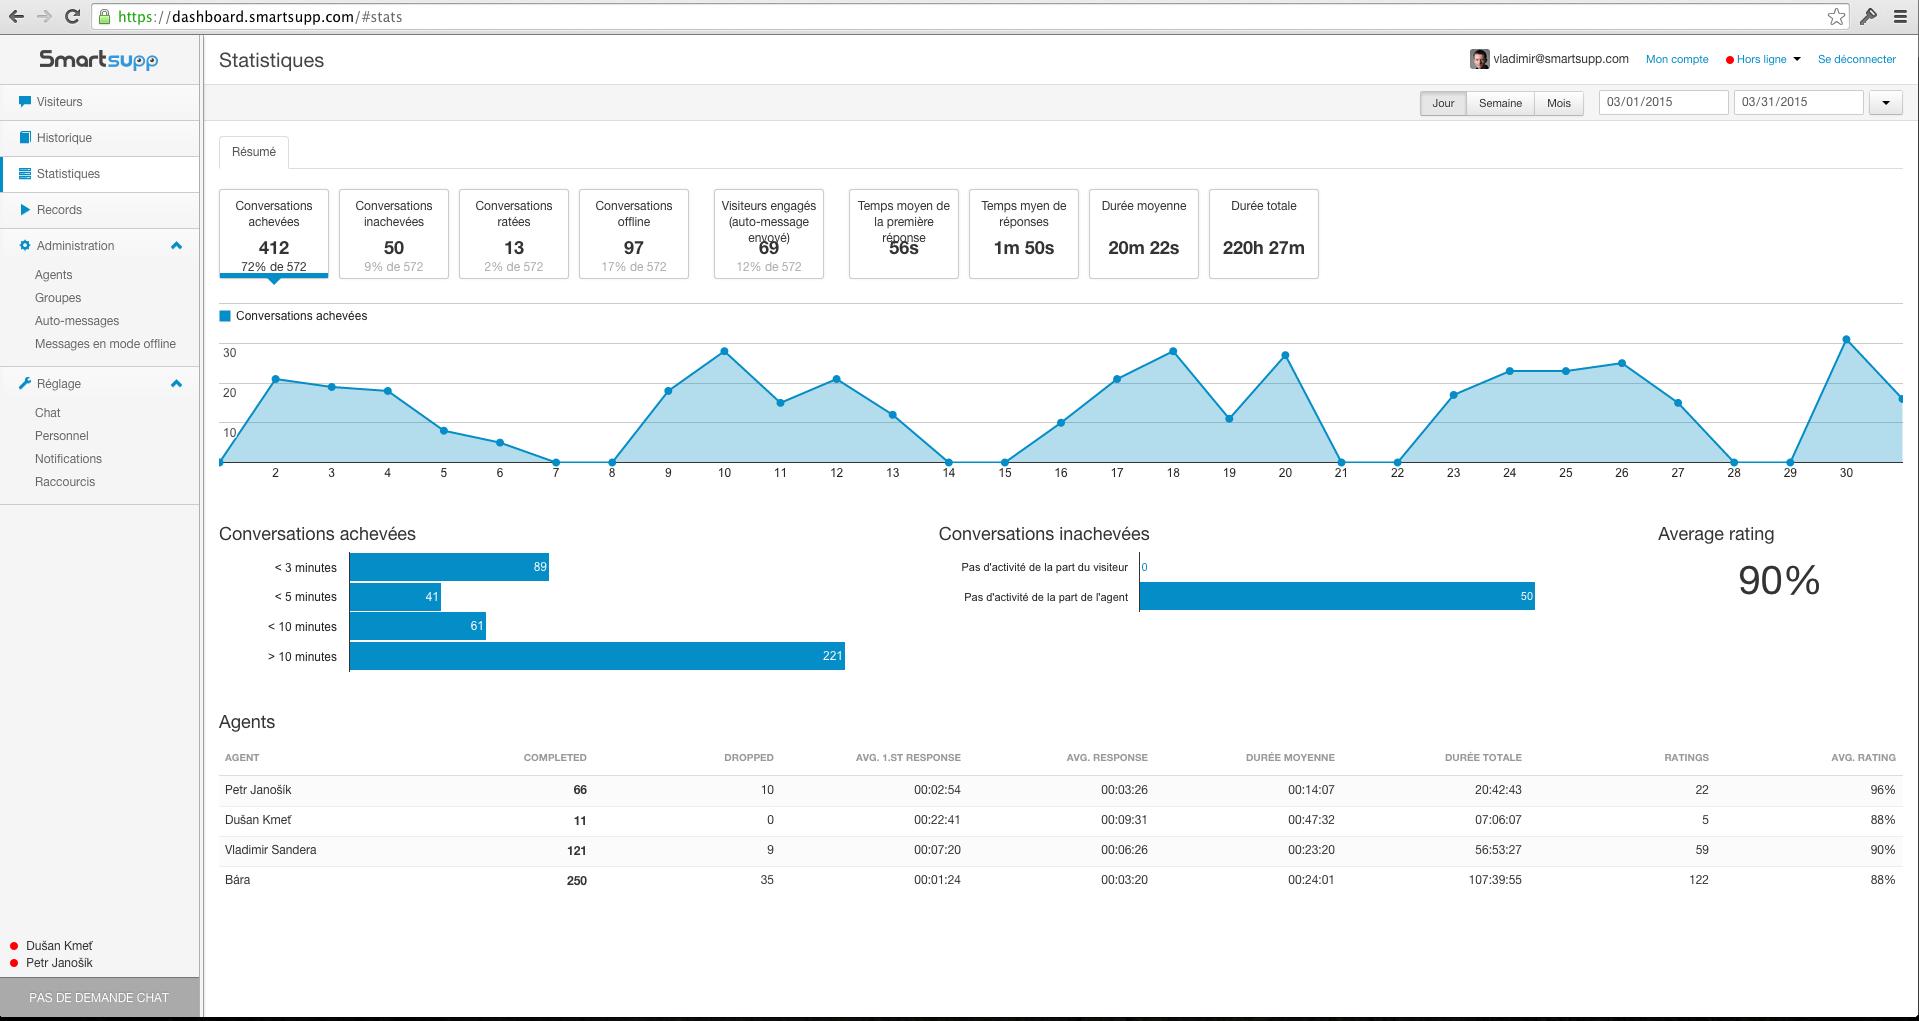 Smartsupp statistics screenshot